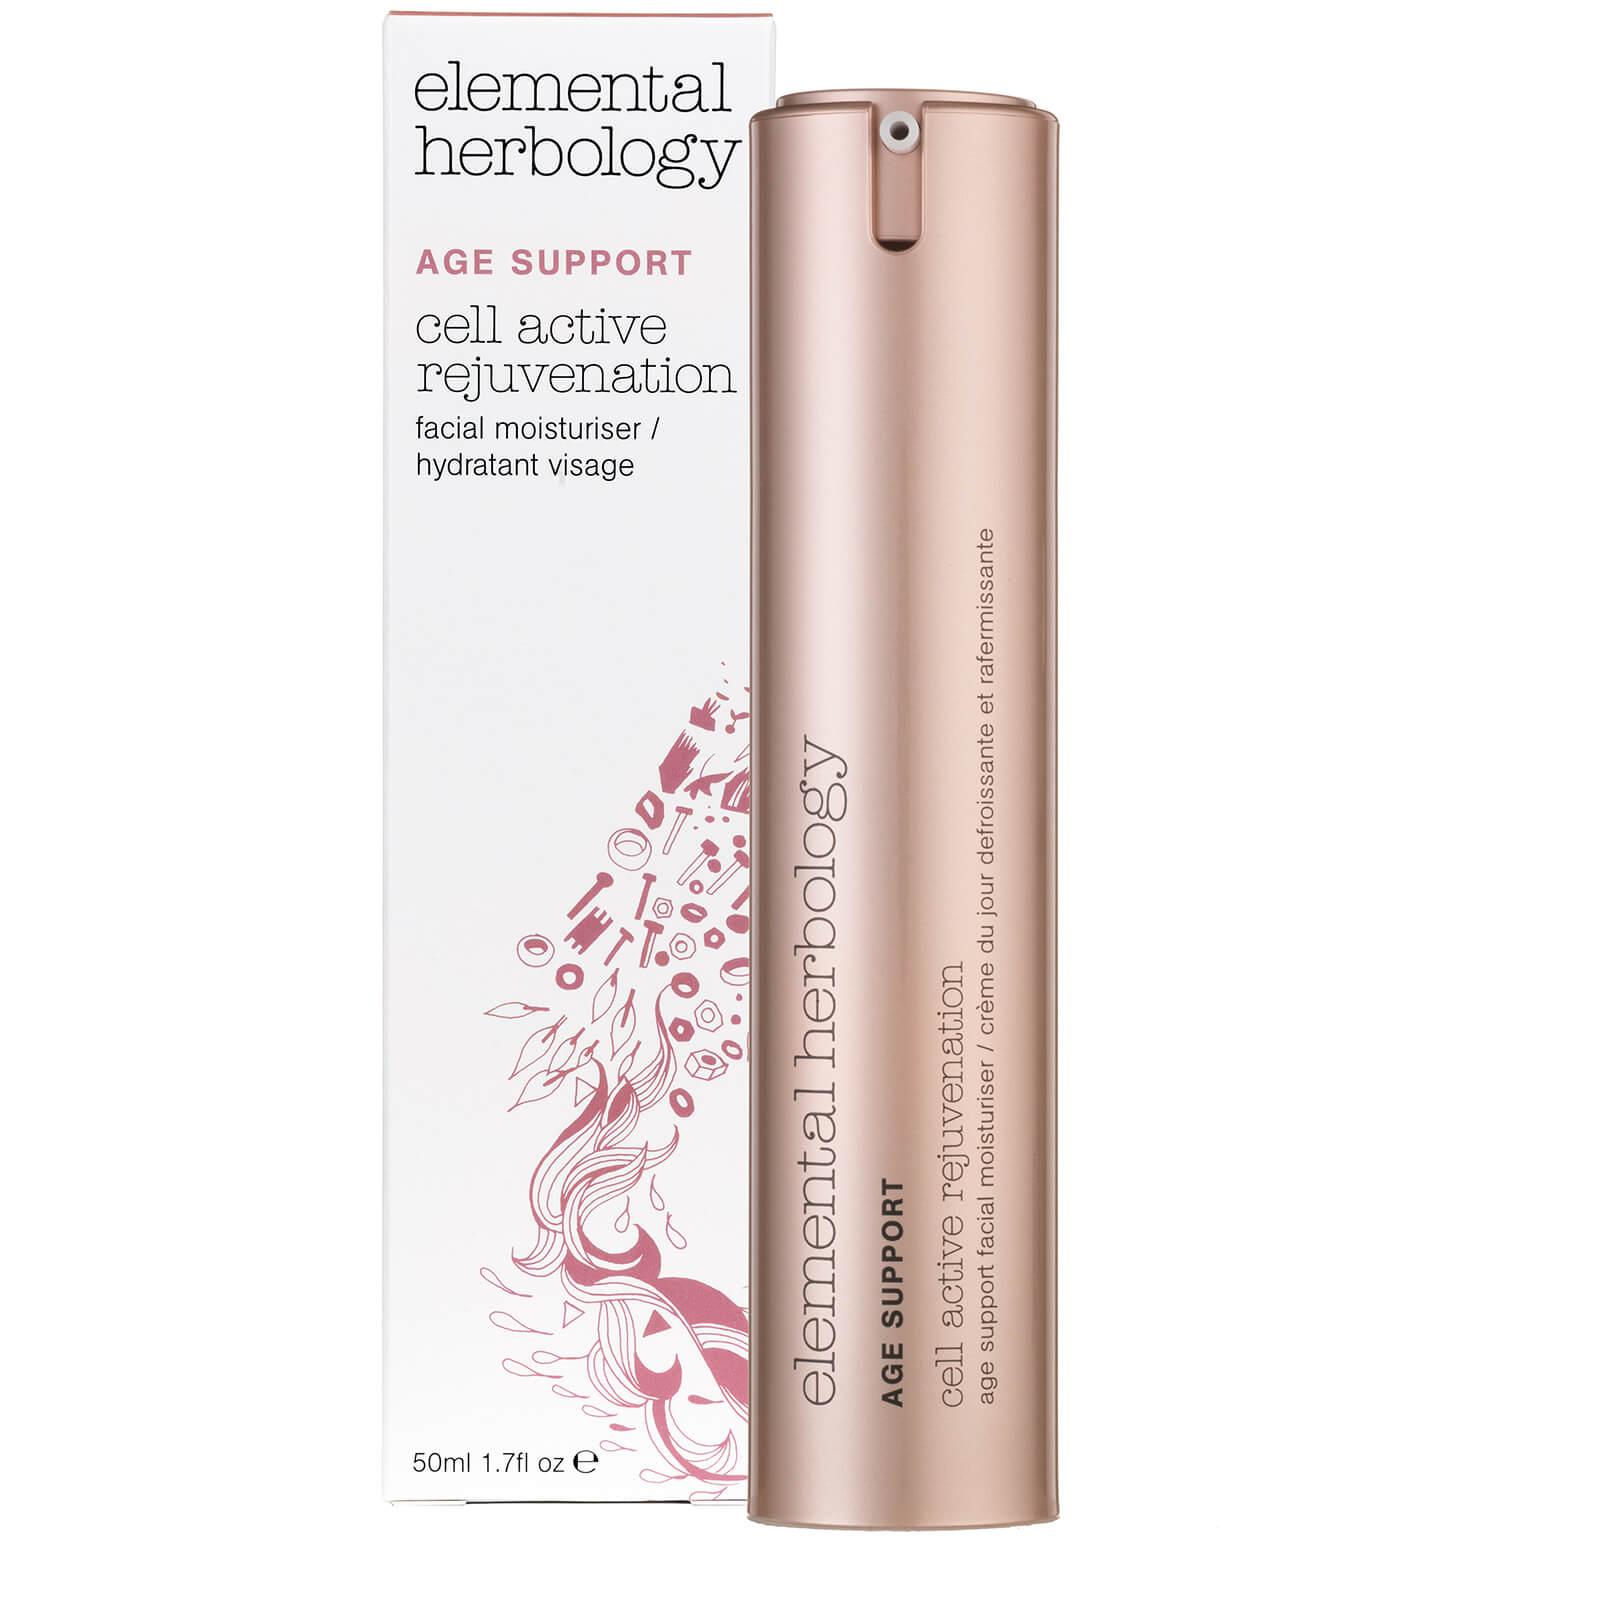 Elemental Herbology Crème de jour pour le visage « Cell Active Rejuvenation » Age Support Elemental Herbology - 50 ml